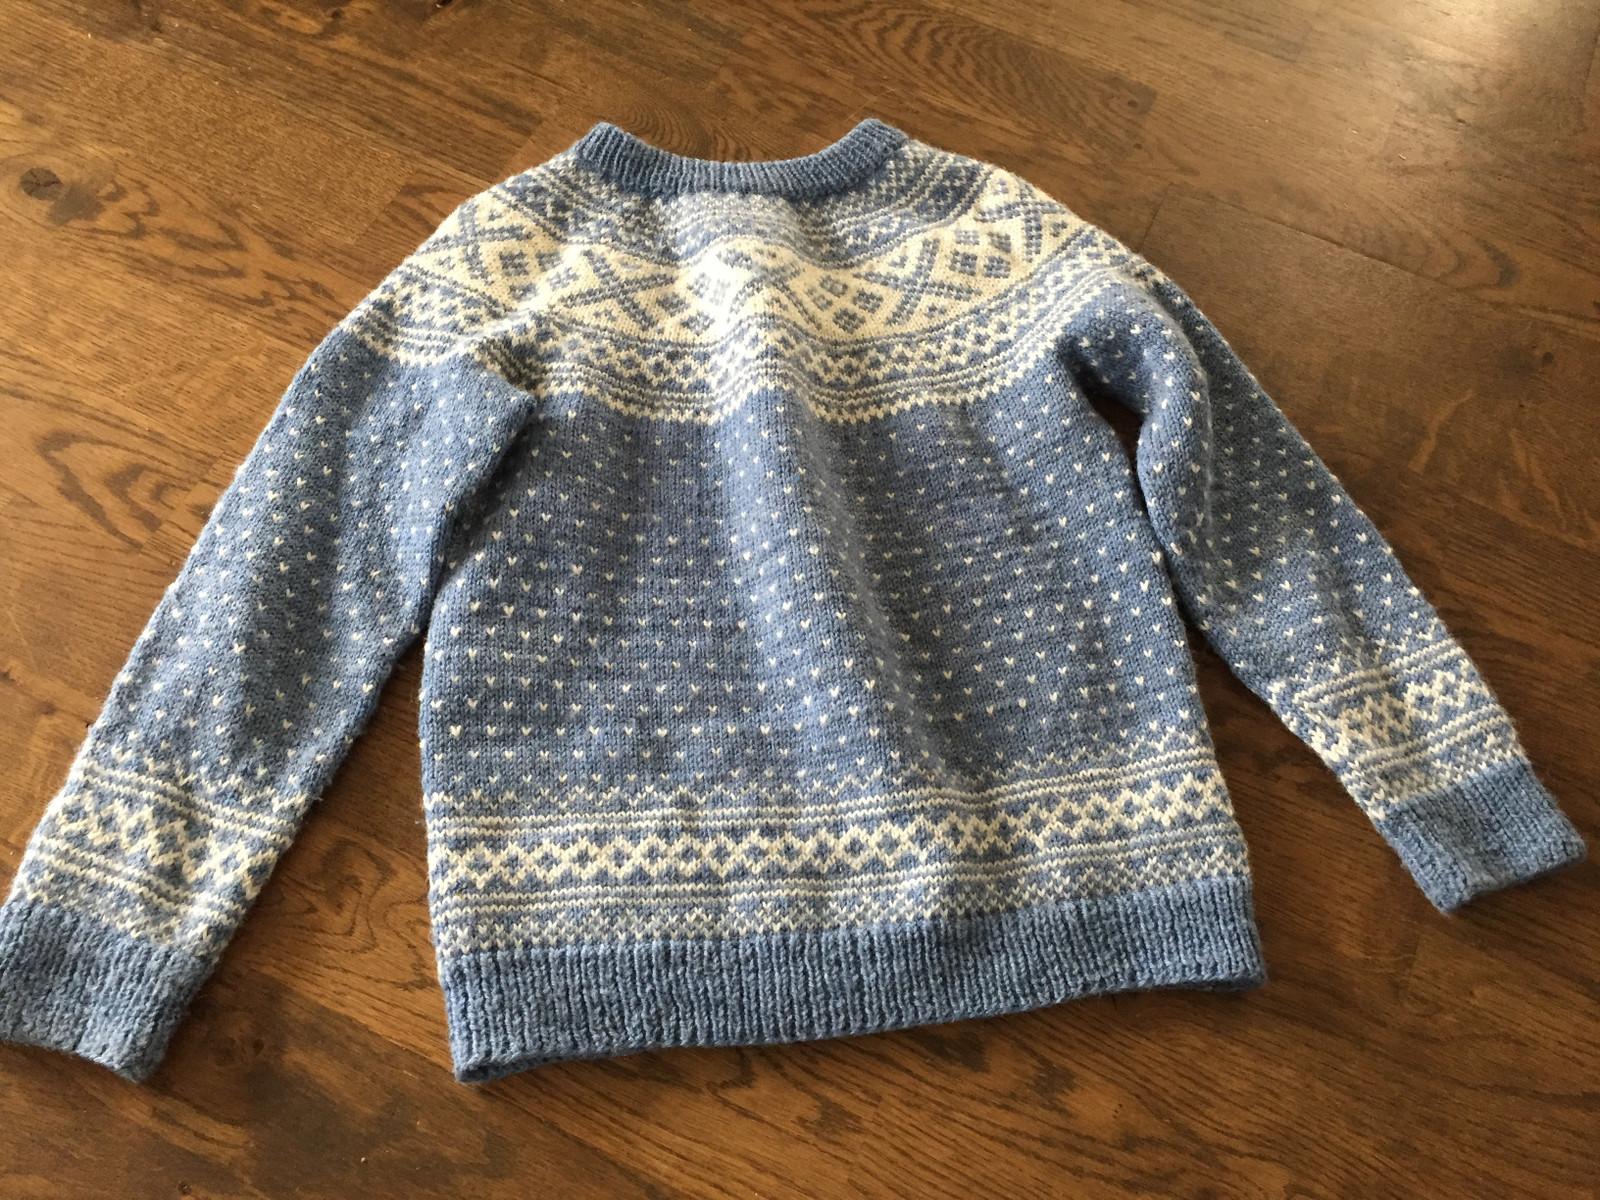 3c9959e6 Nydelig strikket genser. Veldig lite brukt. Str. 6-8 år. Kr 350. (2/36)